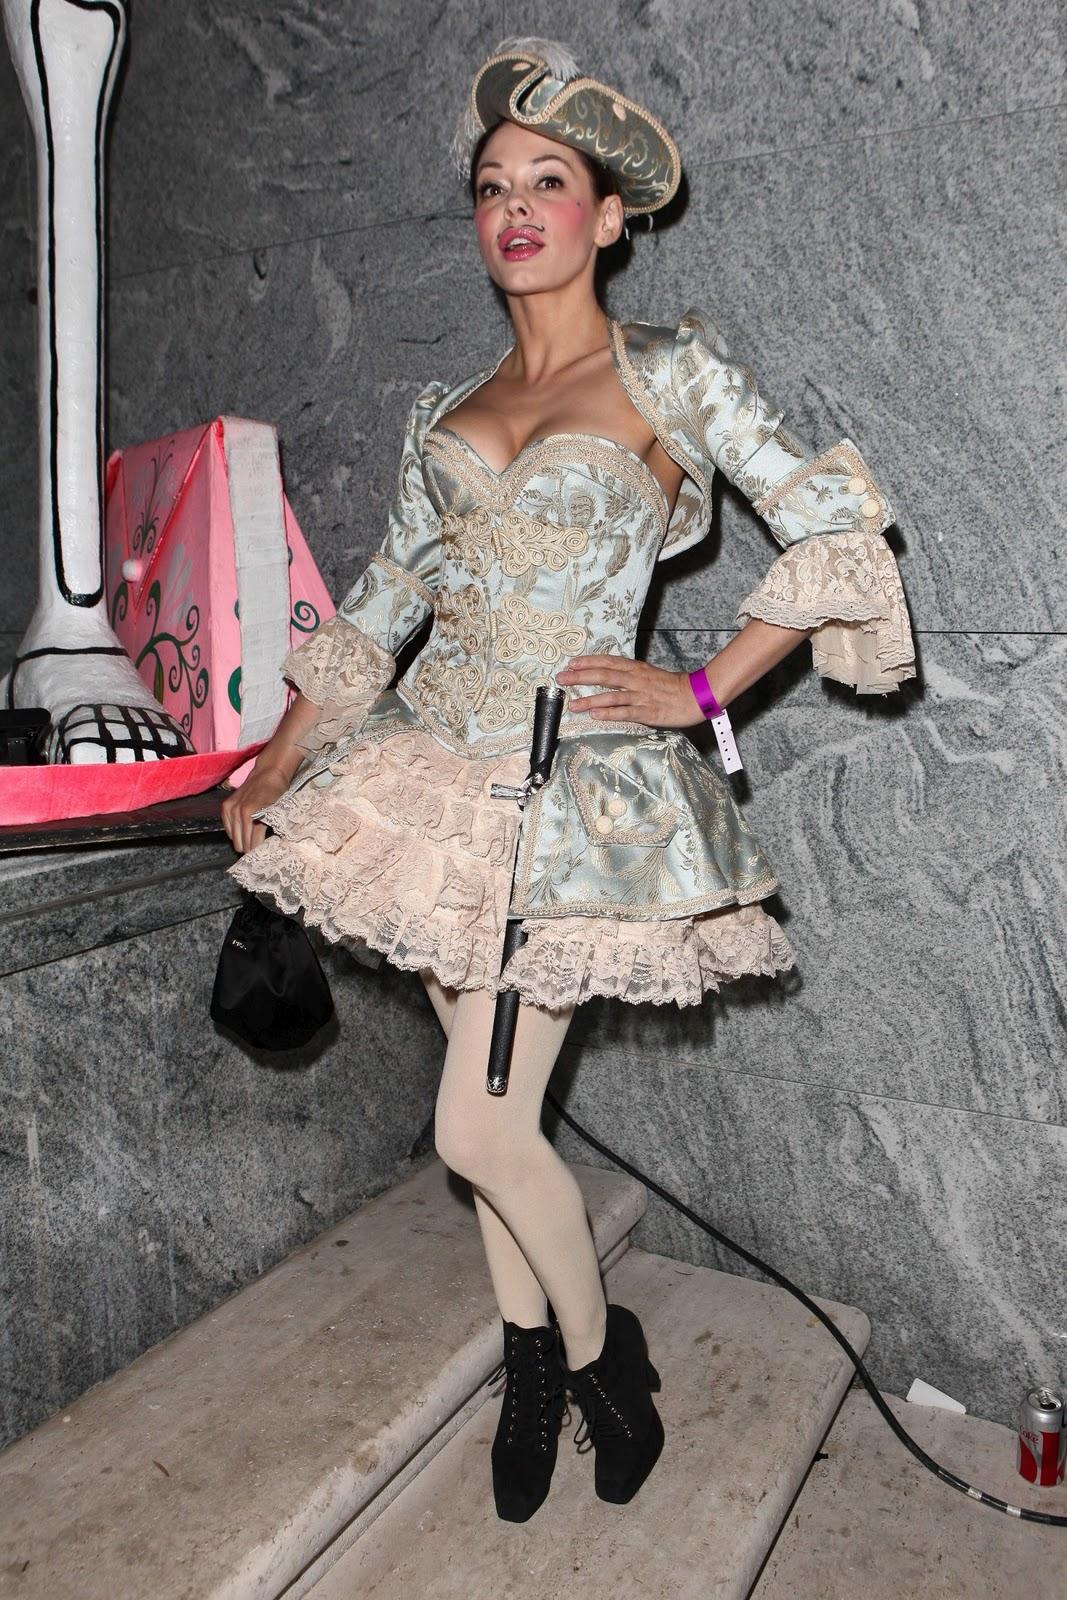 http://4.bp.blogspot.com/-RI0_hsmM-fM/Tq1BMwVAdSI/AAAAAAAABGg/AtGfFLlOuEc/s1600/Rose-McGowan-8.jpg